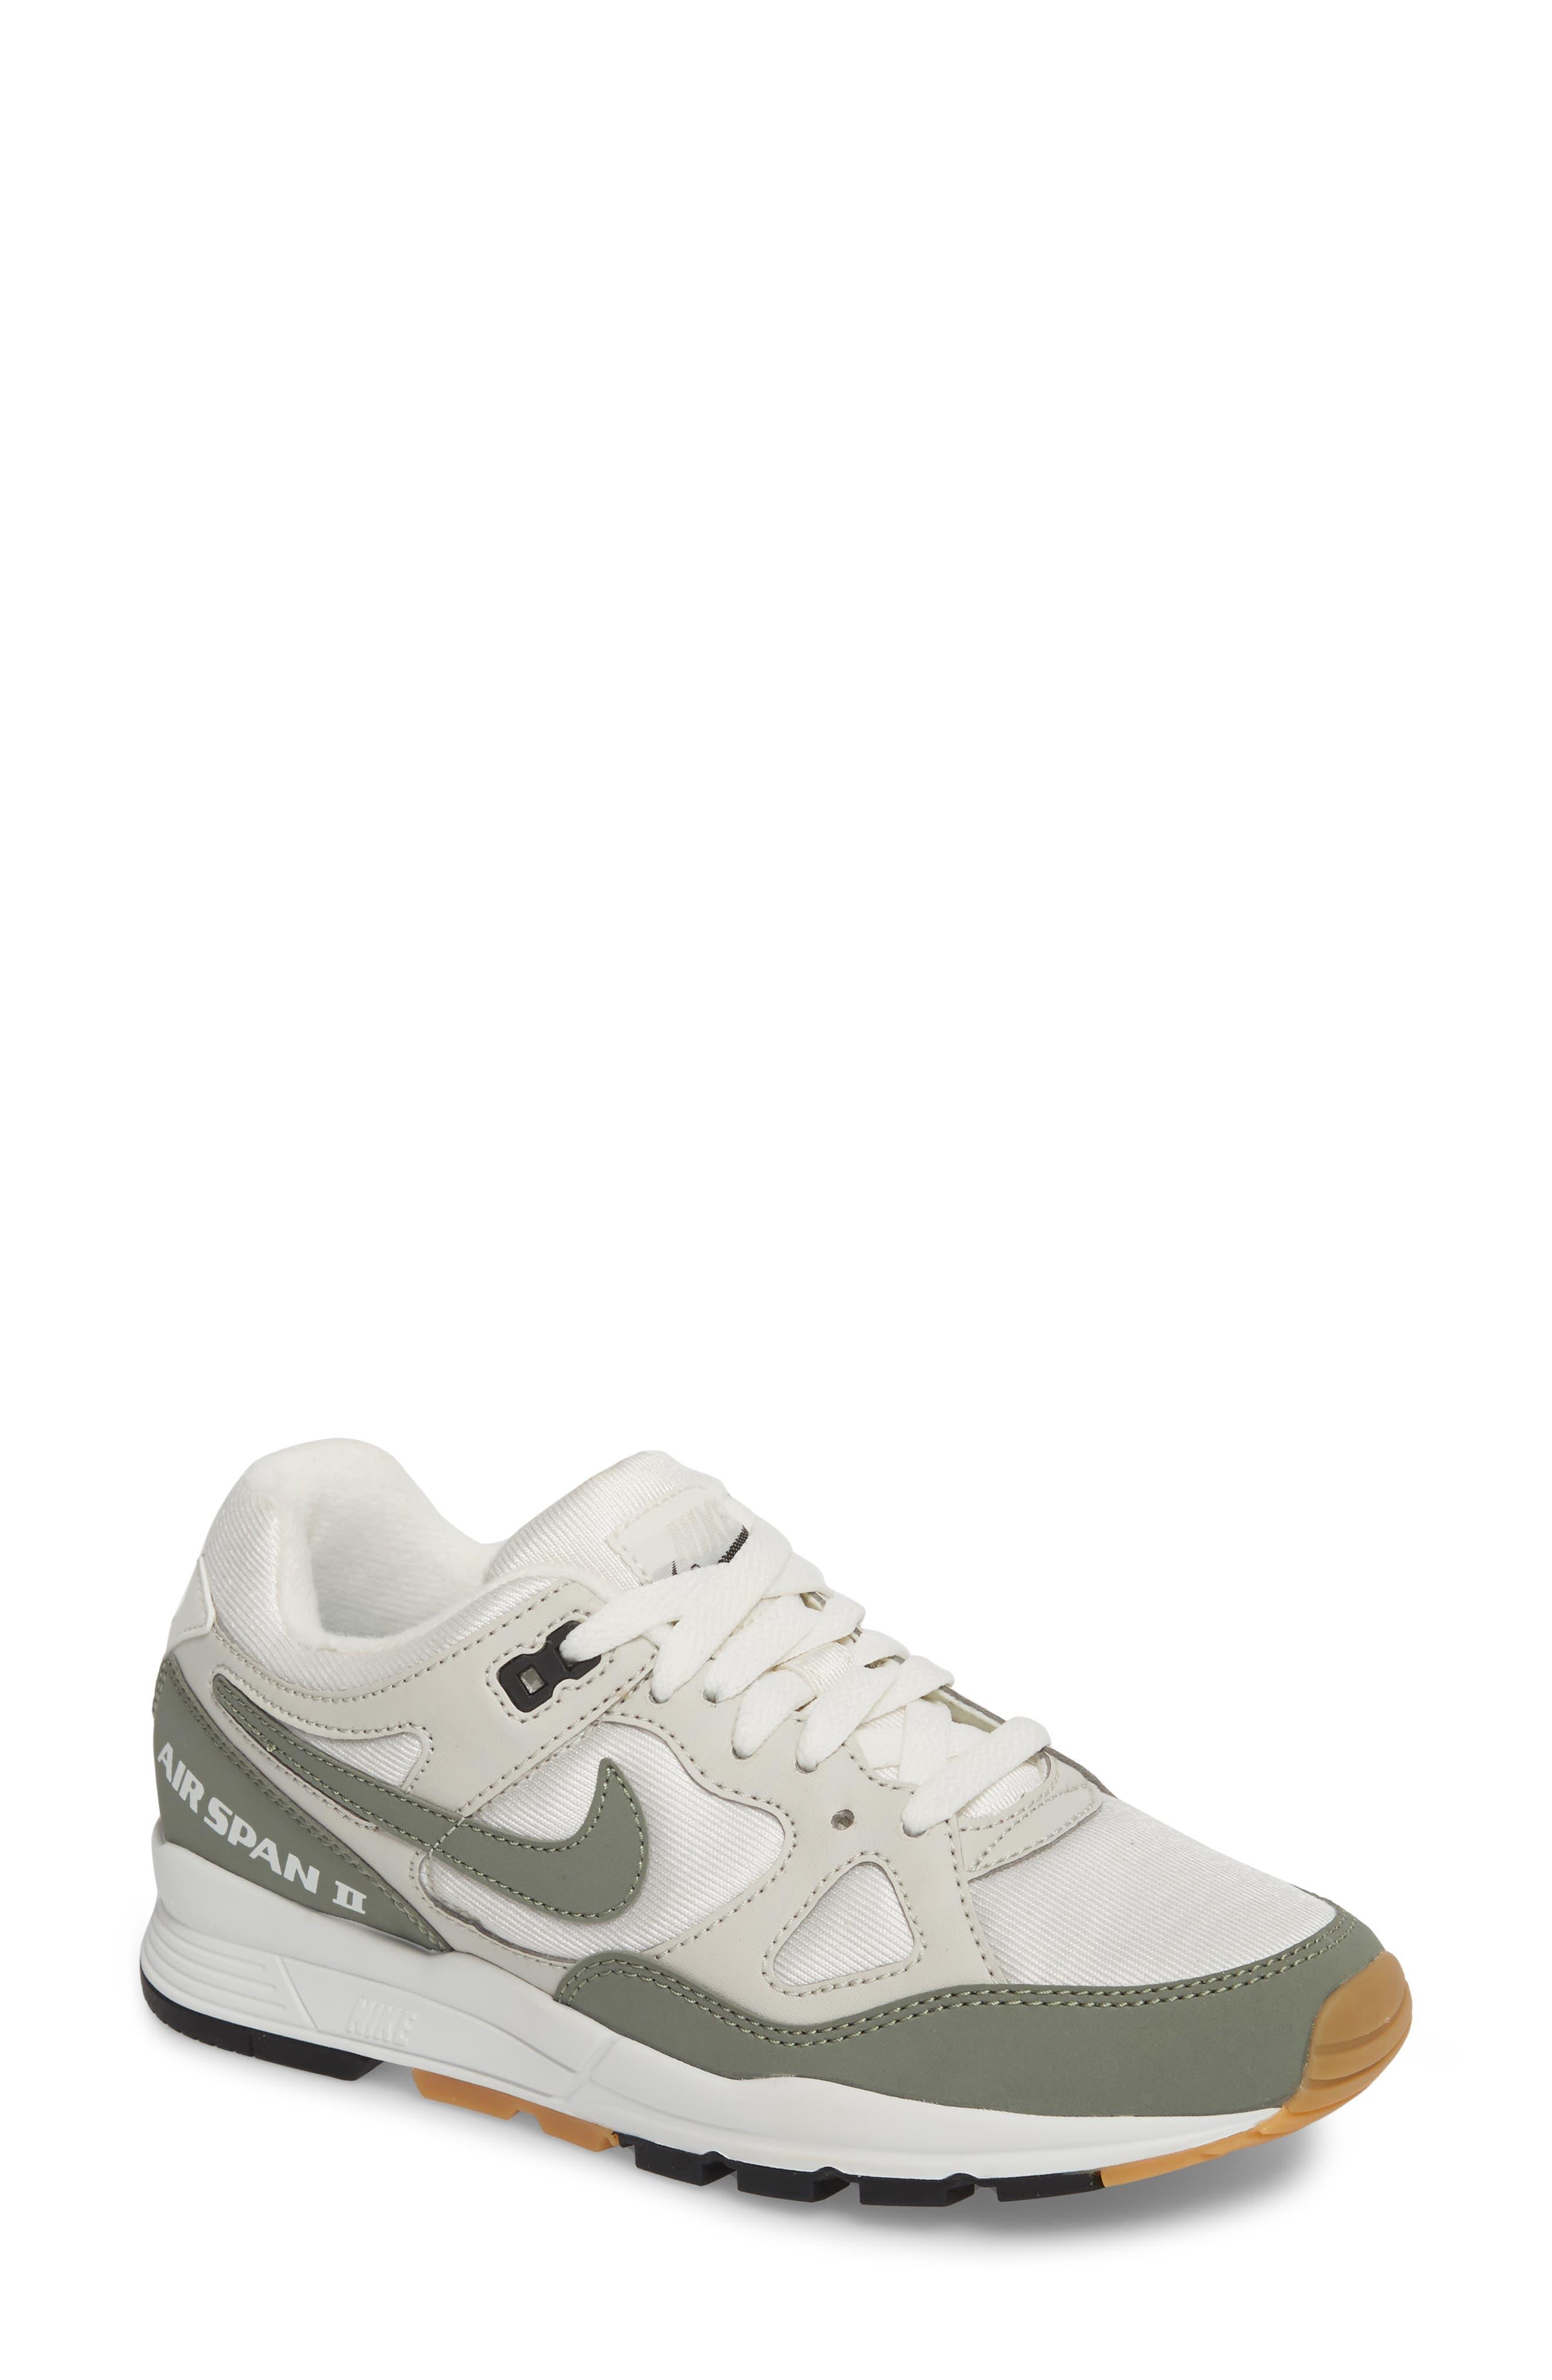 NIKE,                             Air Span II Sneaker,                             Main thumbnail 1, color,                             020